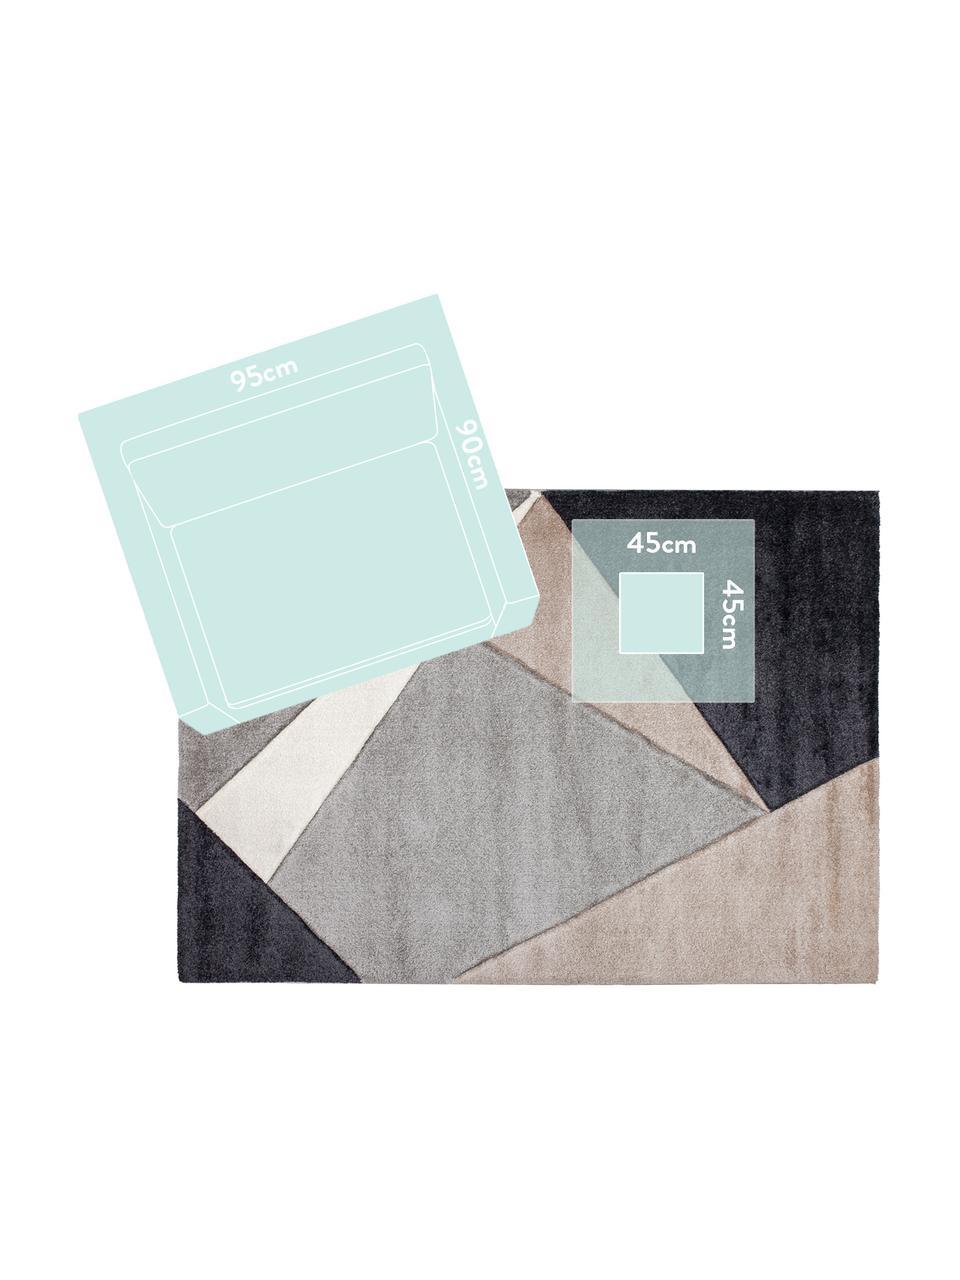 Vloerkleed My Broadway met geometrisch patroon in beige-grijs, Bovenzijde: 100% polypropyleen, Onderzijde: jute, Taupe, beige, antraciet, grijs, B 200 x L 290 cm (maat L)